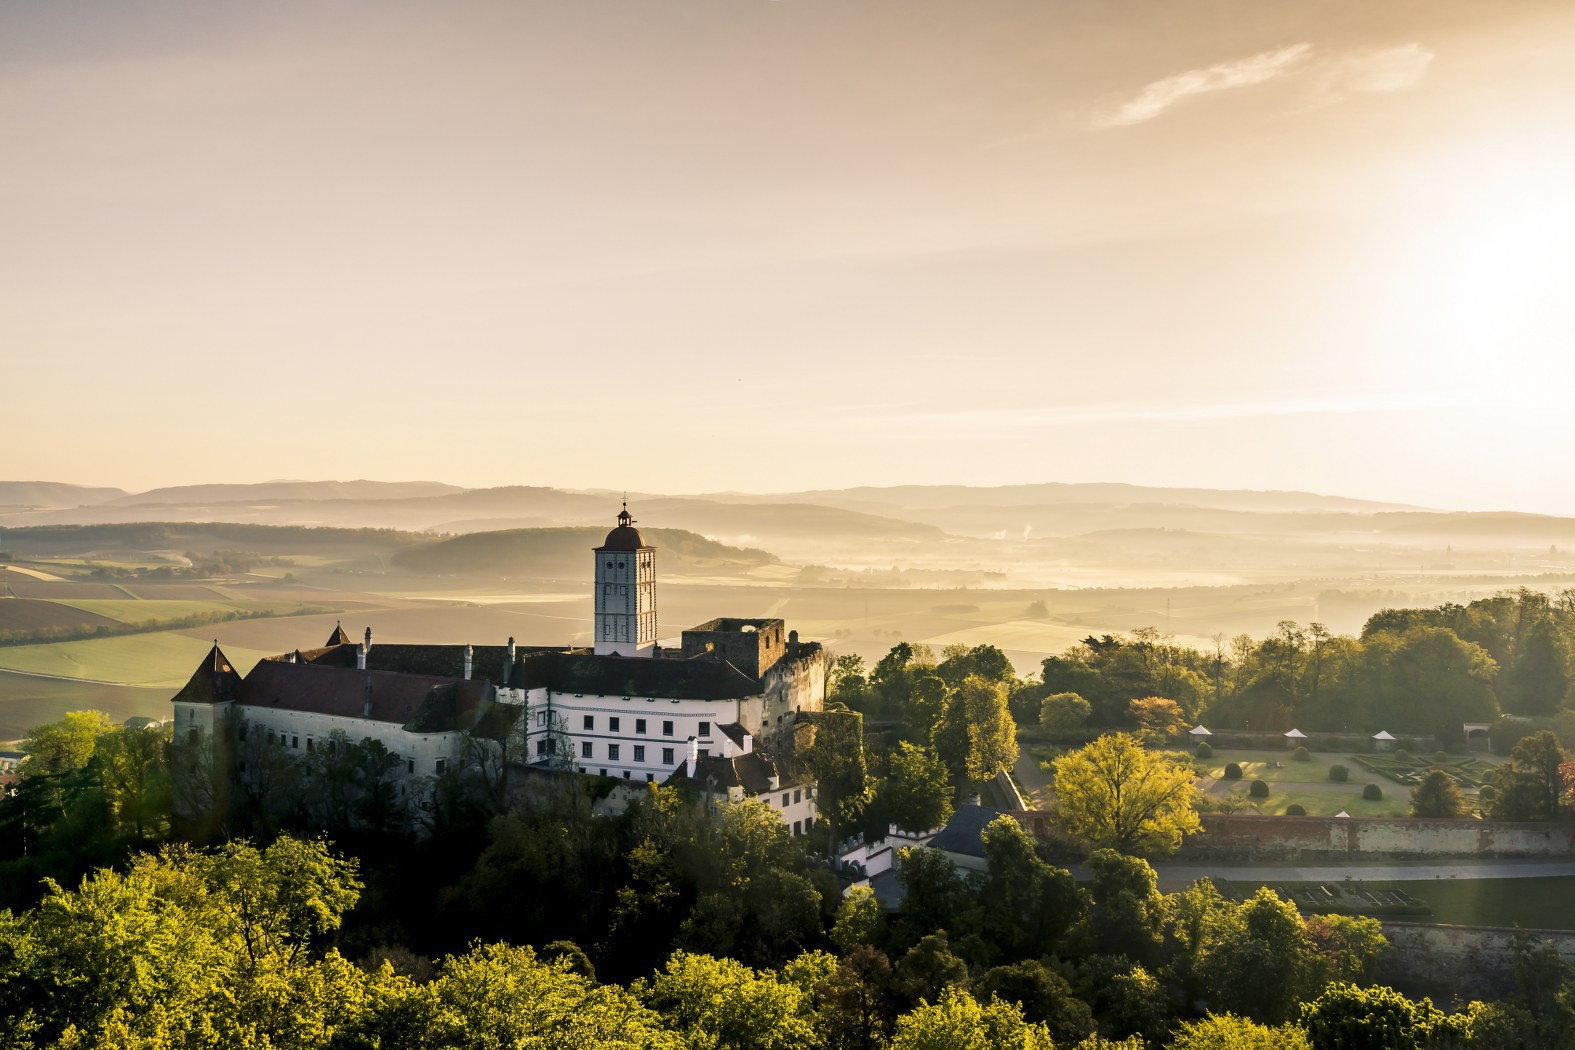 замок Шаллабург (c) Niederösterreich Werbung / Robert Herbst